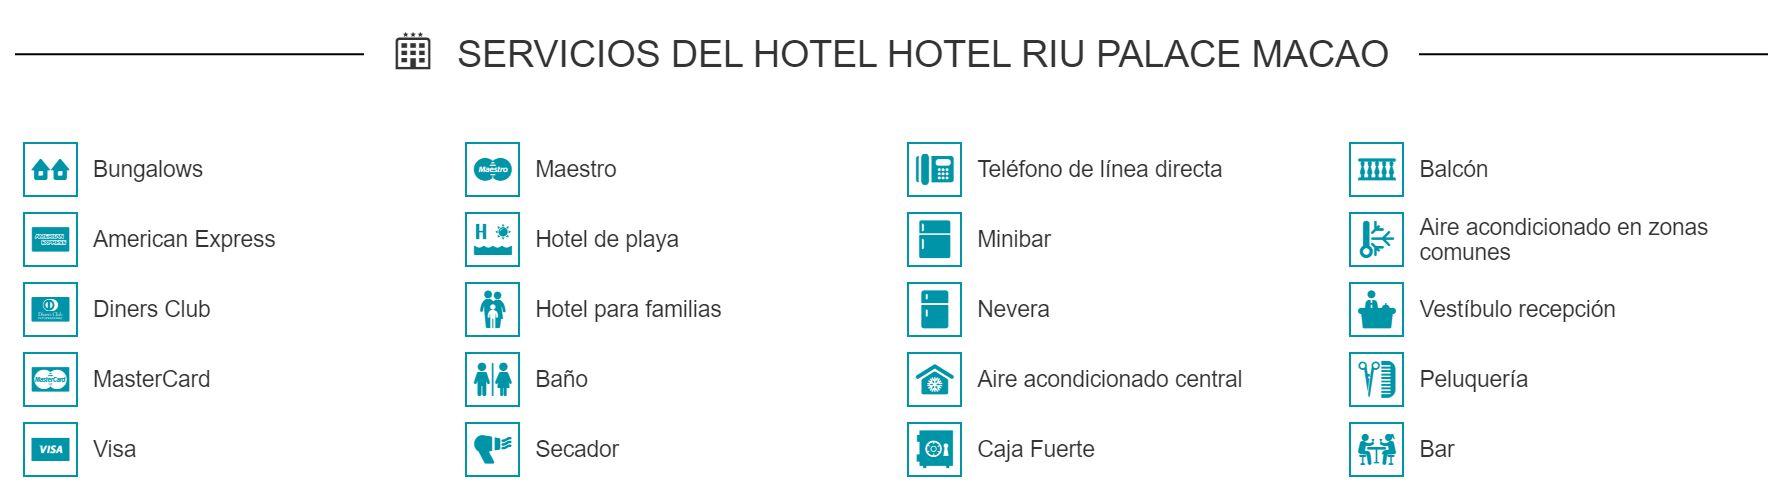 Servicios del Hotel Riu Palace Macao Punta Cana